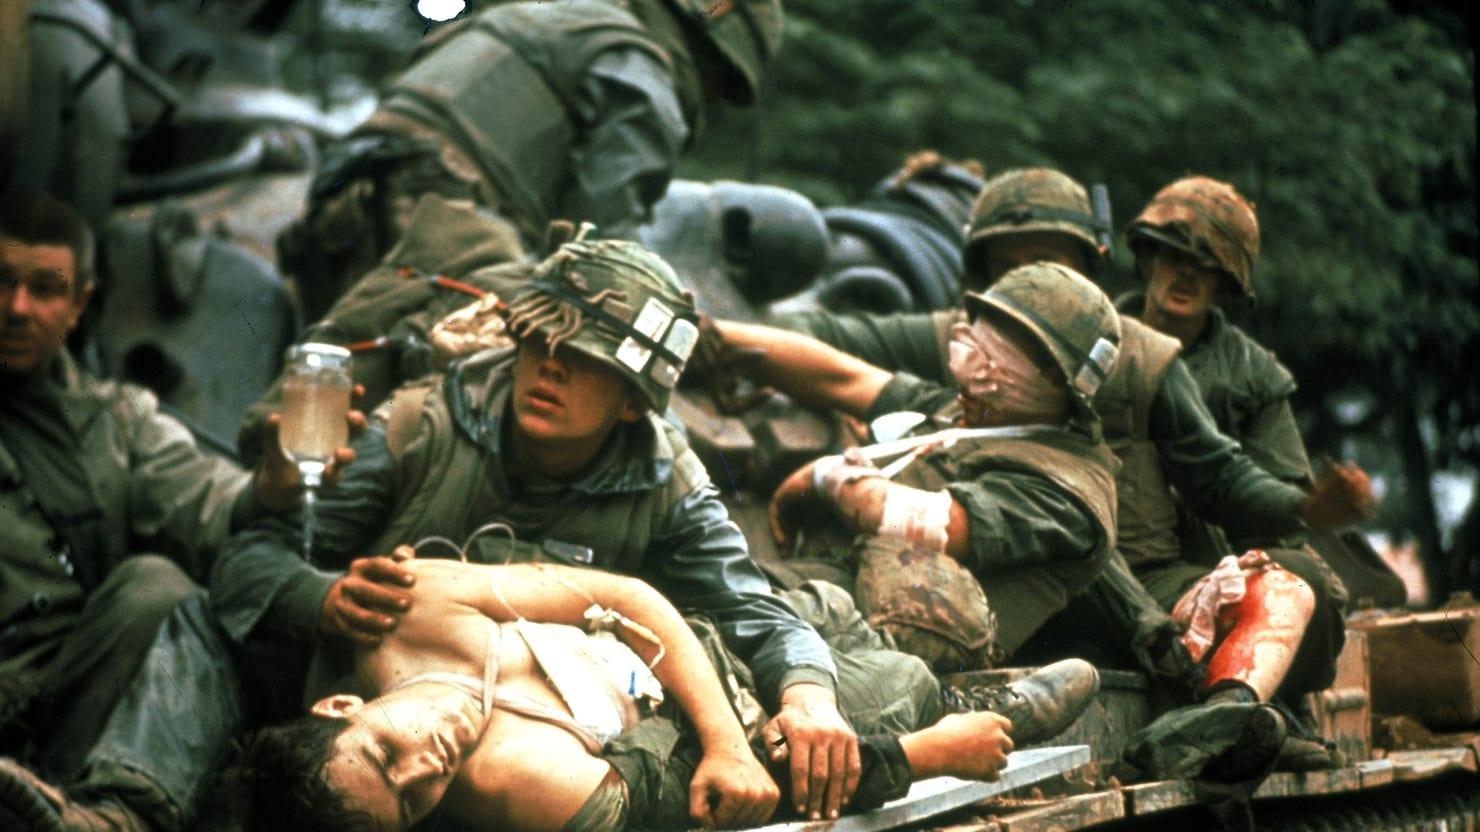 suicides during vietnam war